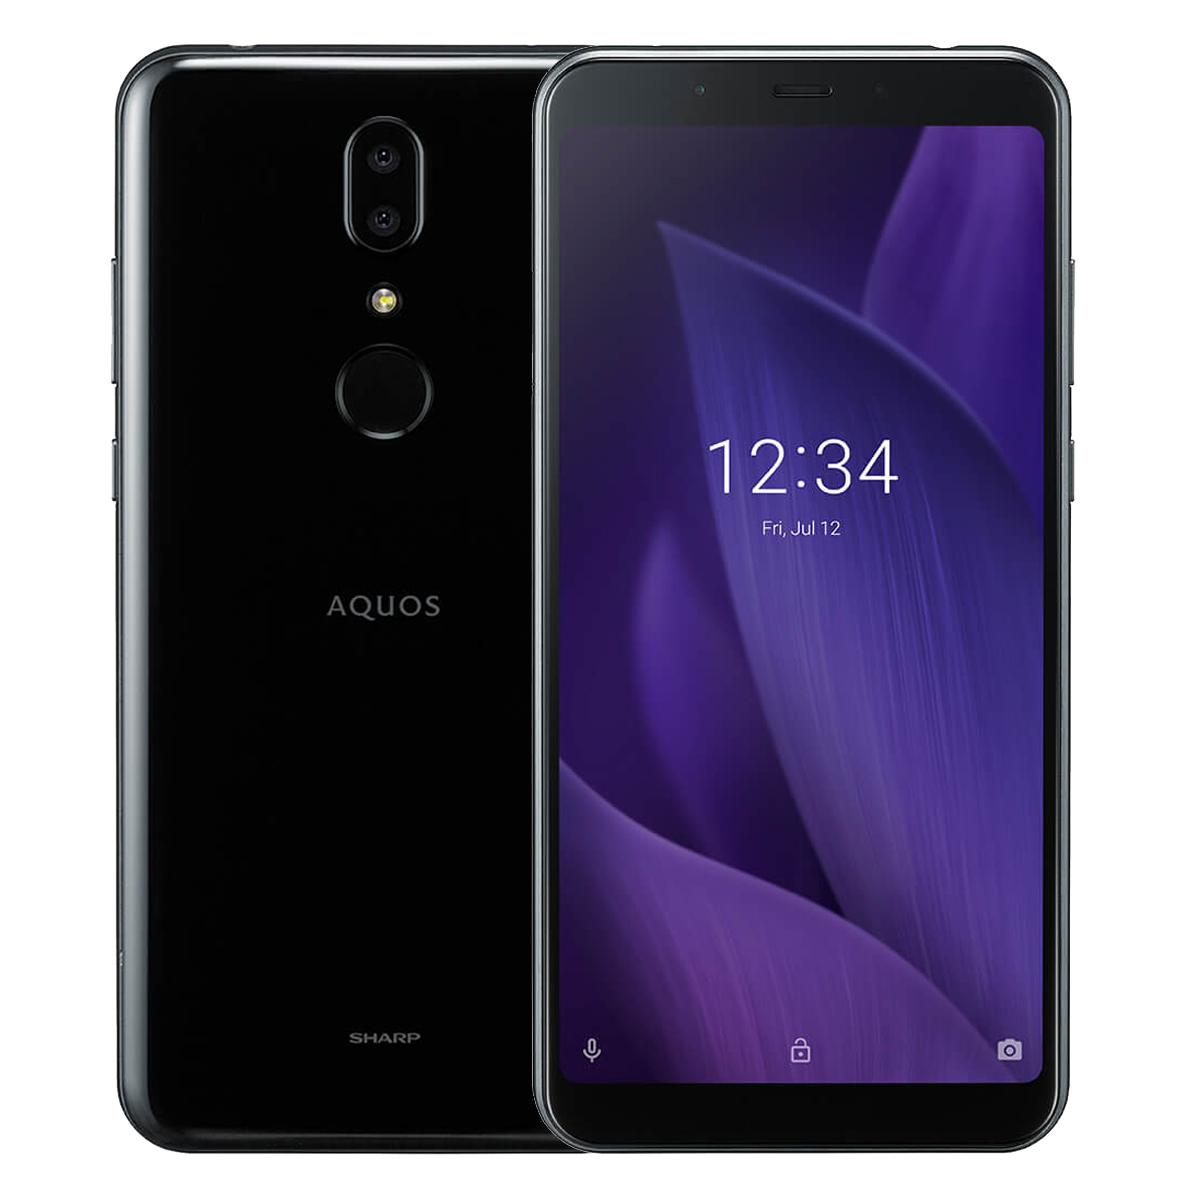 SHARP AQUOS V Smartphone 5,9″ 13MP Dual Kamera 4G nur 123,67 € inkl. Versand aus der EU